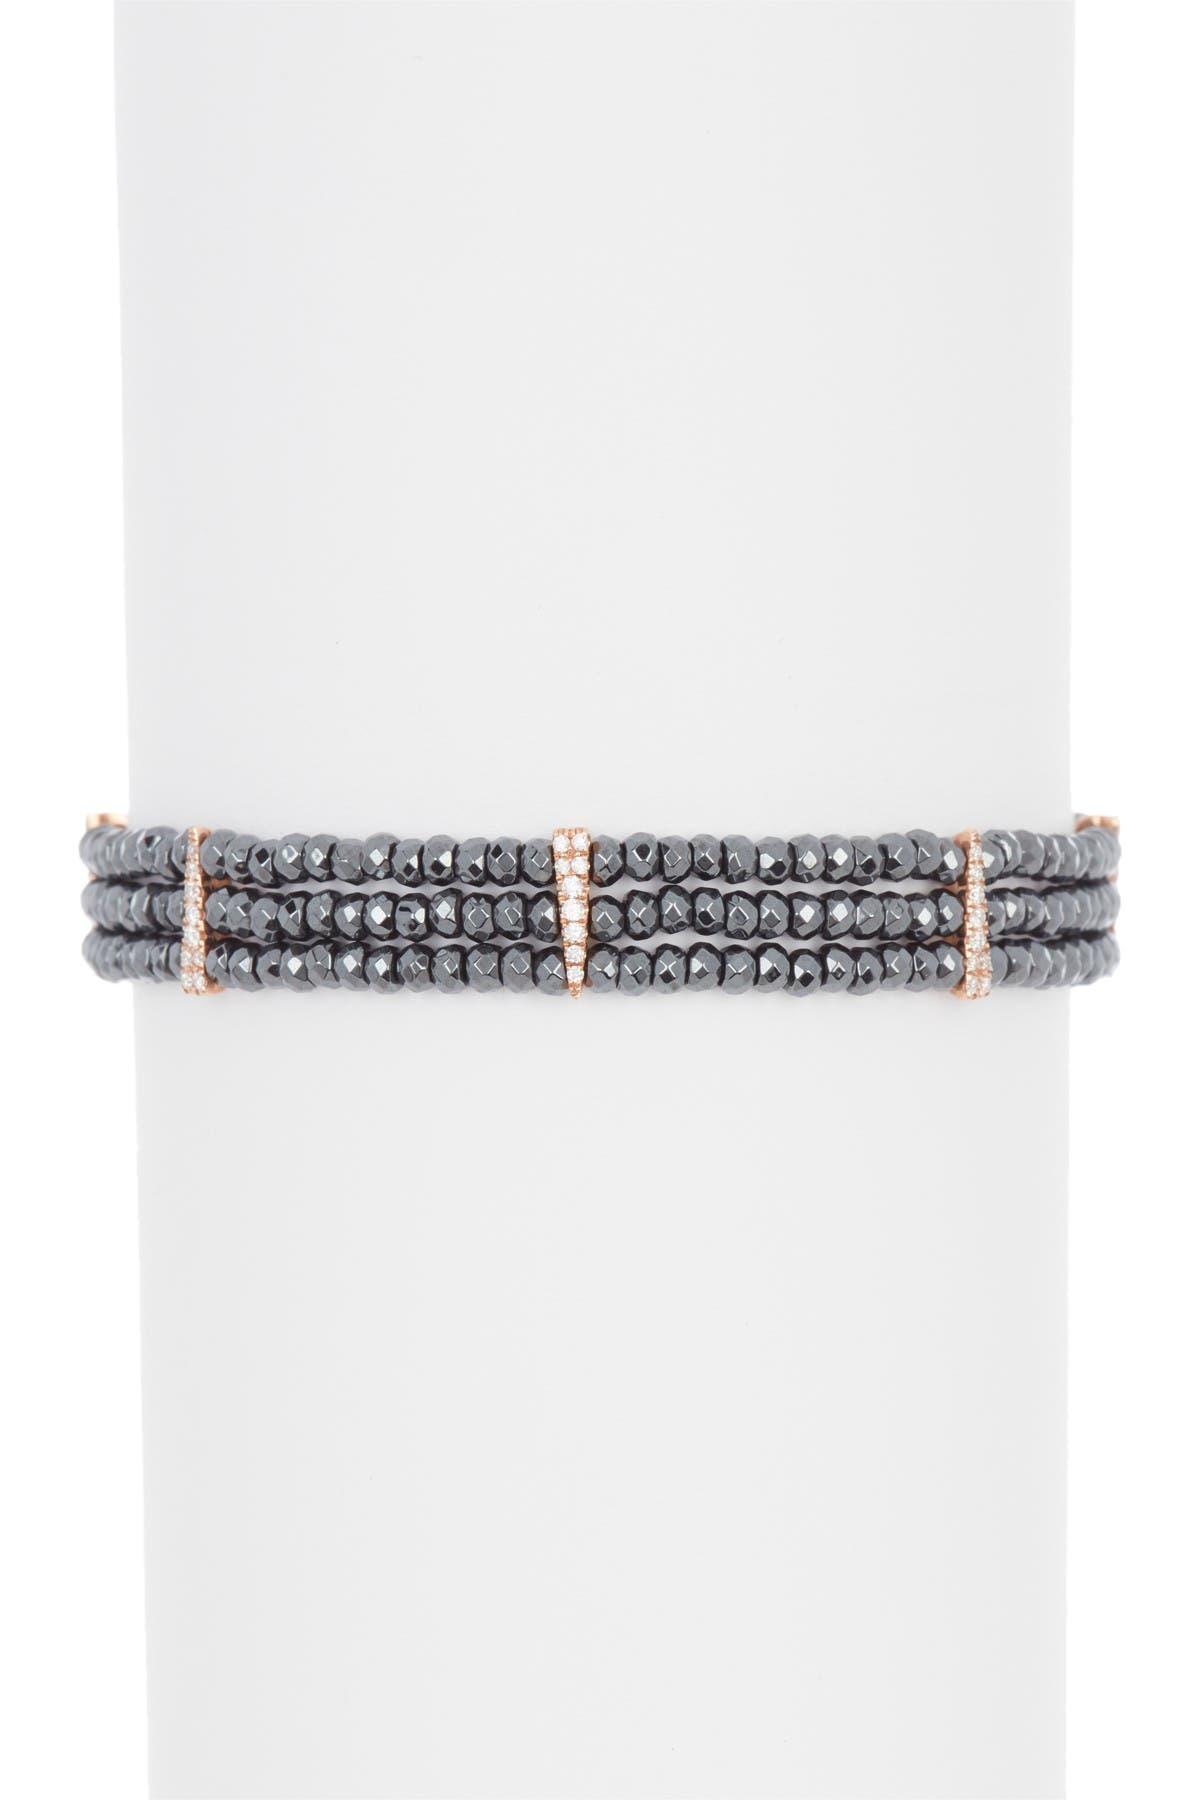 Pave Bar Bracelet Minimalistic Sparkly Pyrite Bracelet